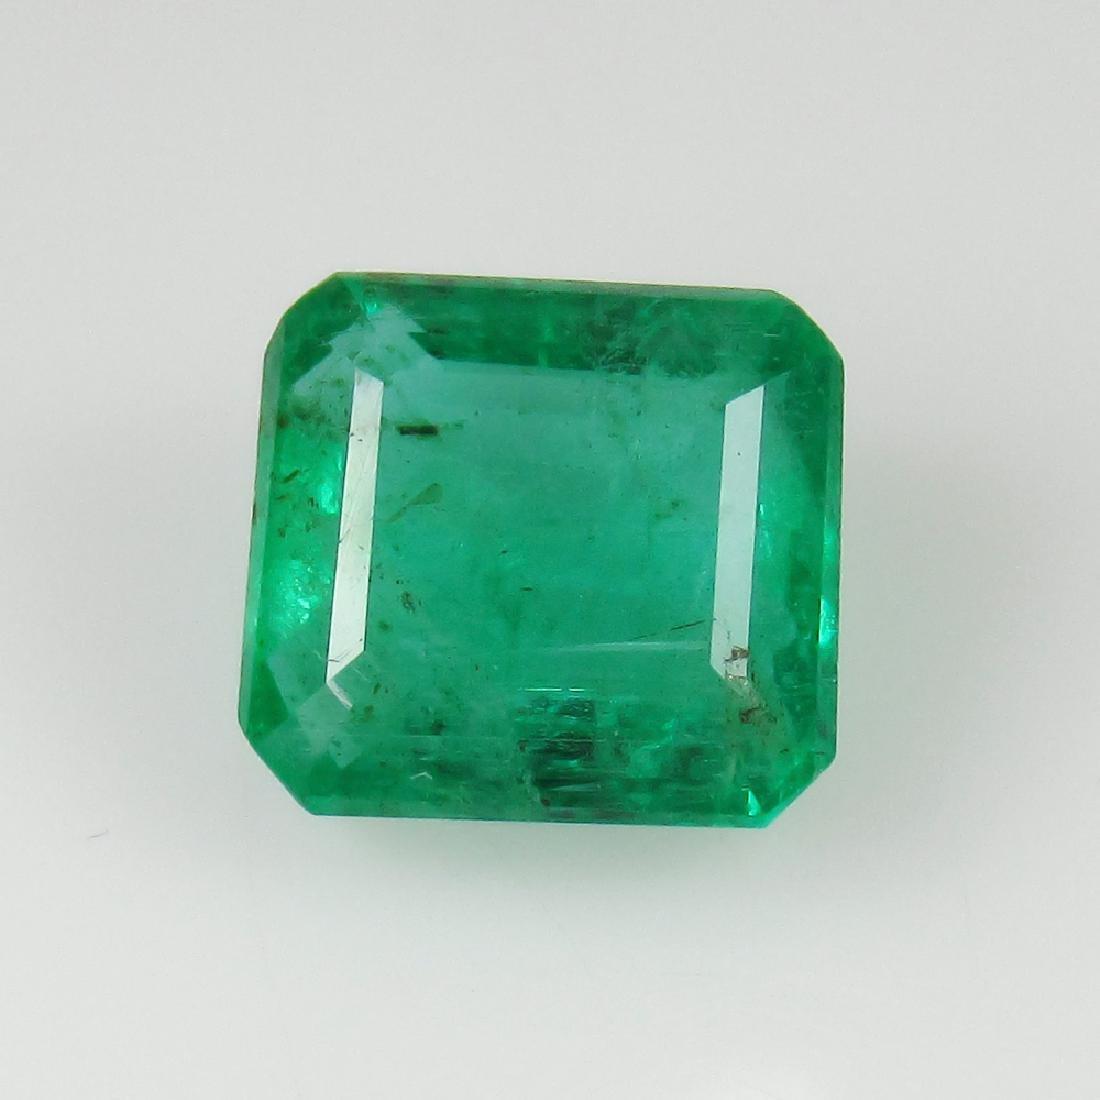 3.24 Carat Natural Loose Emerald Octagon - 2